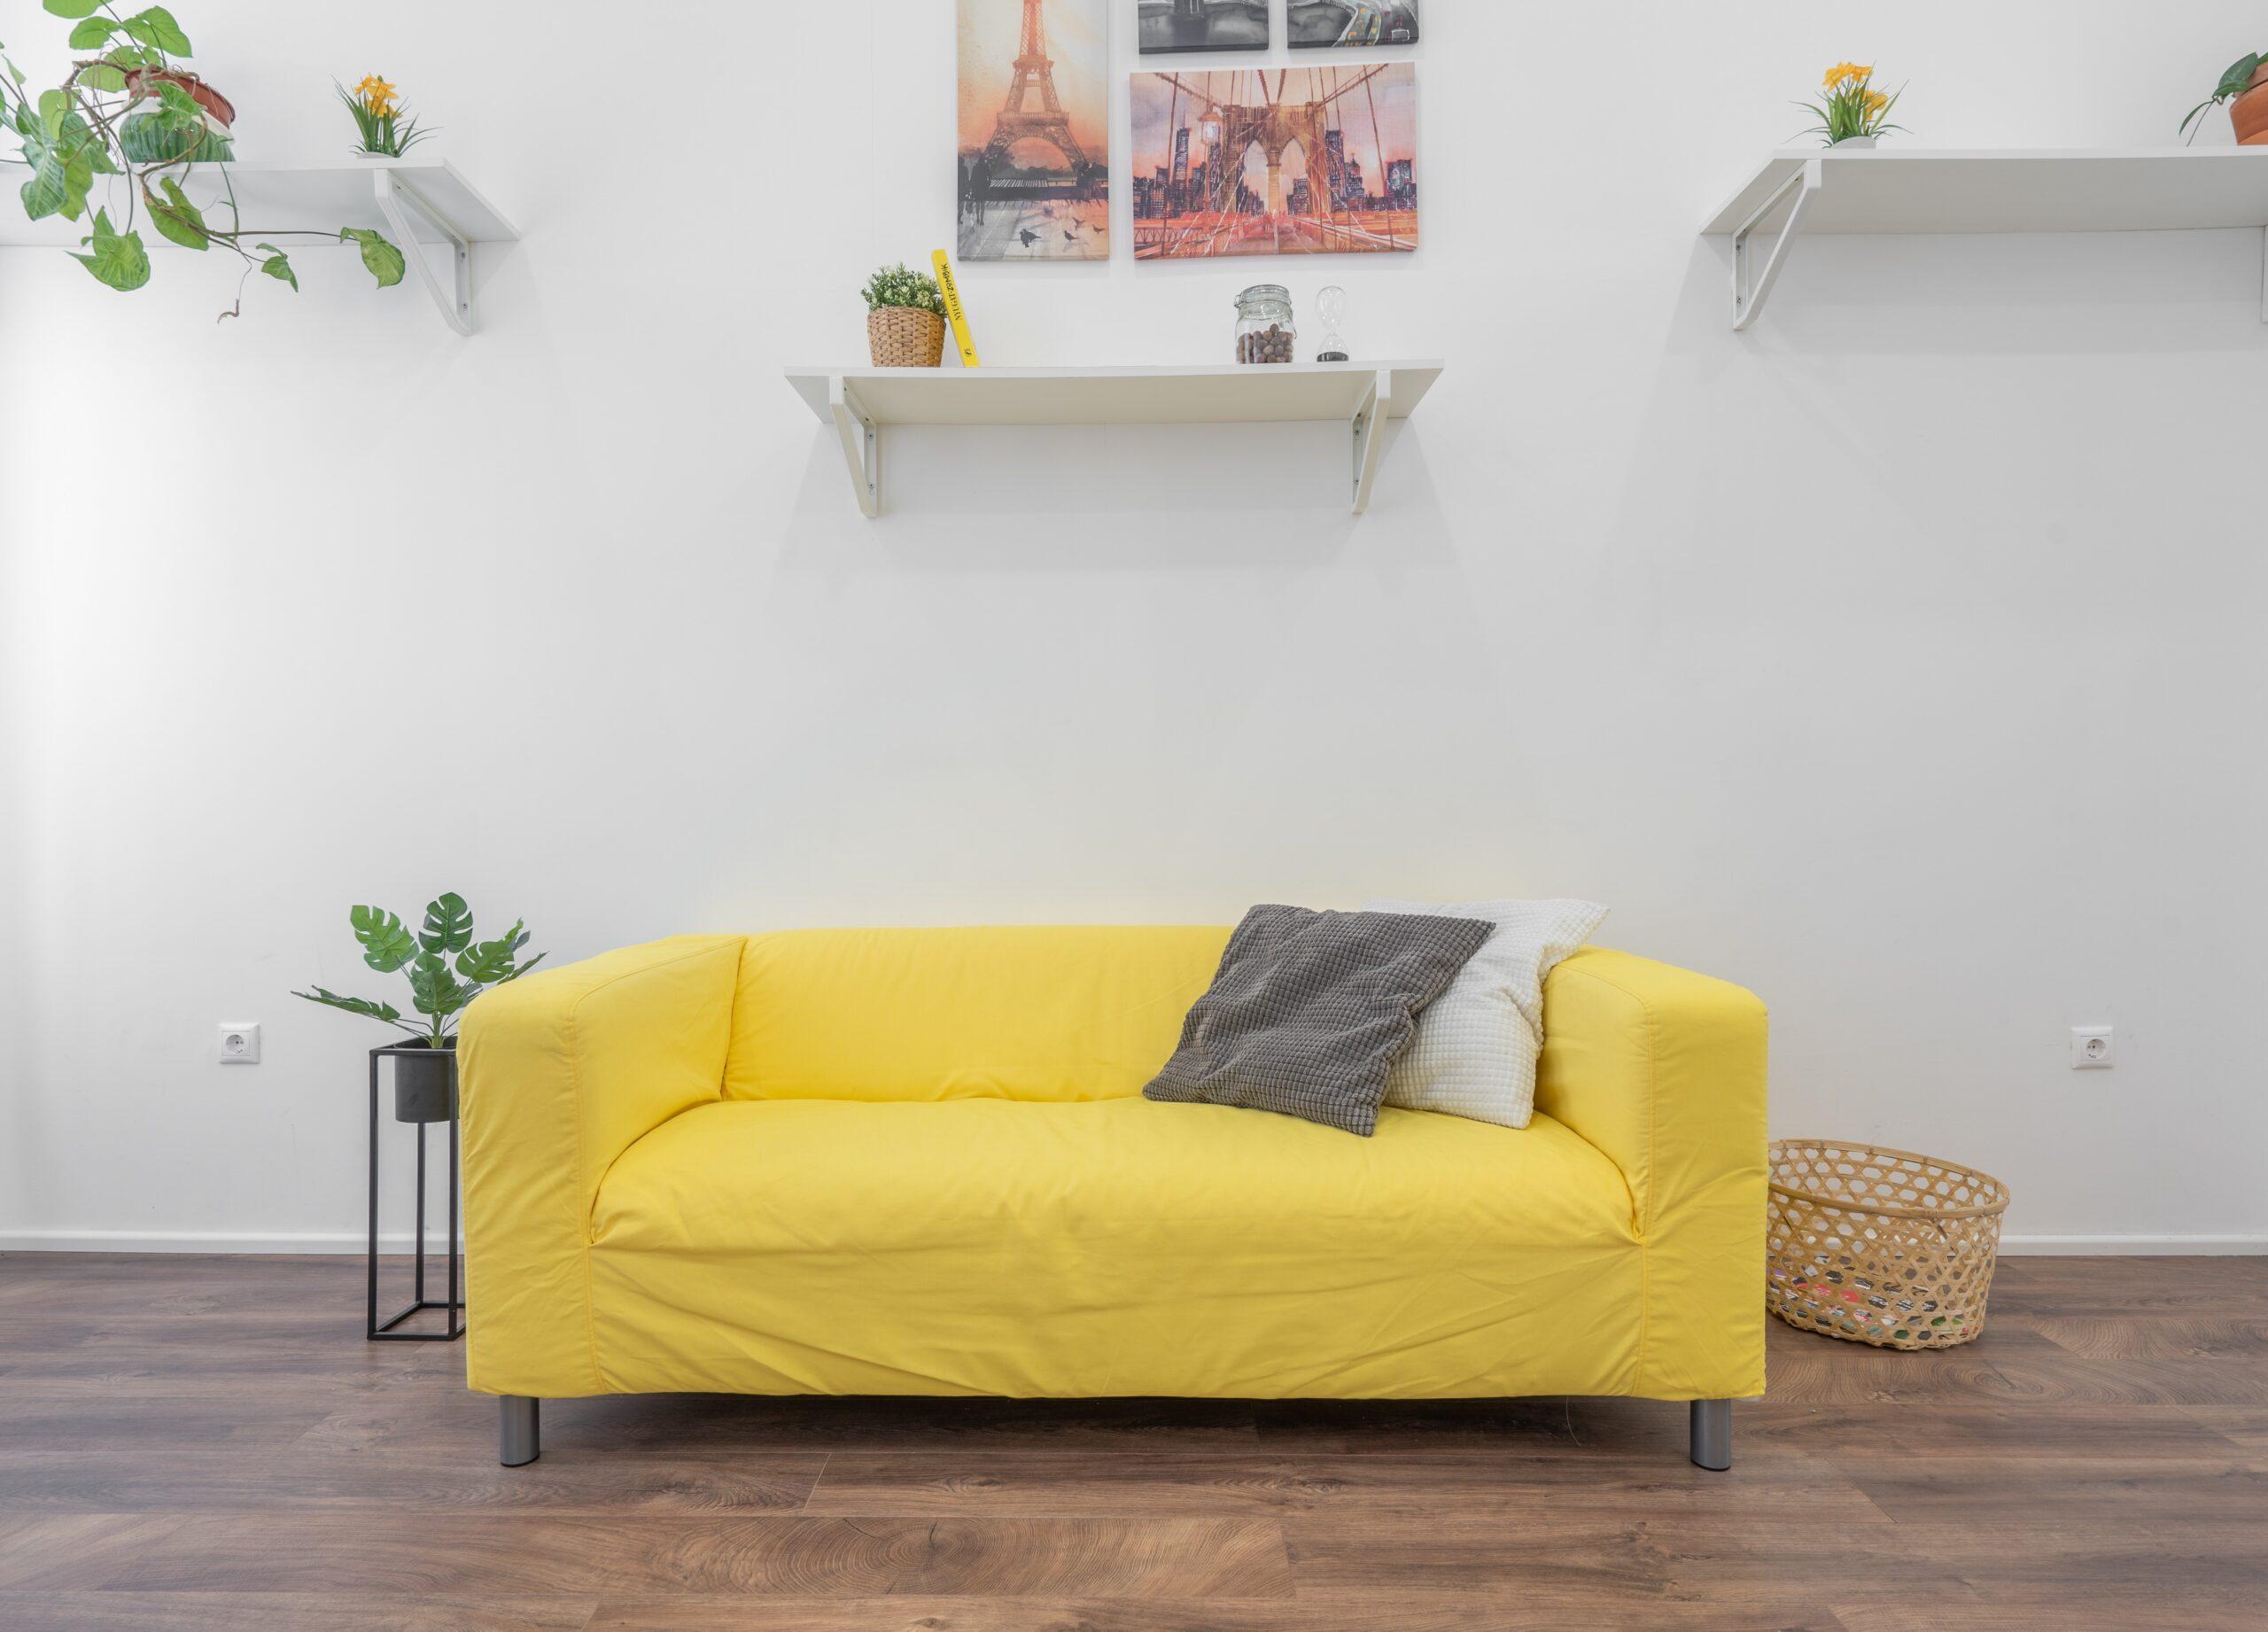 Full Size of Sofa Alternatives 6 Better To Throwing Away Your Old Beziehen Brühl Inhofer Mit Elektrischer Sitztiefenverstellung Recamiere Impressionen Bettfunktion Sofa Sofa Alternatives